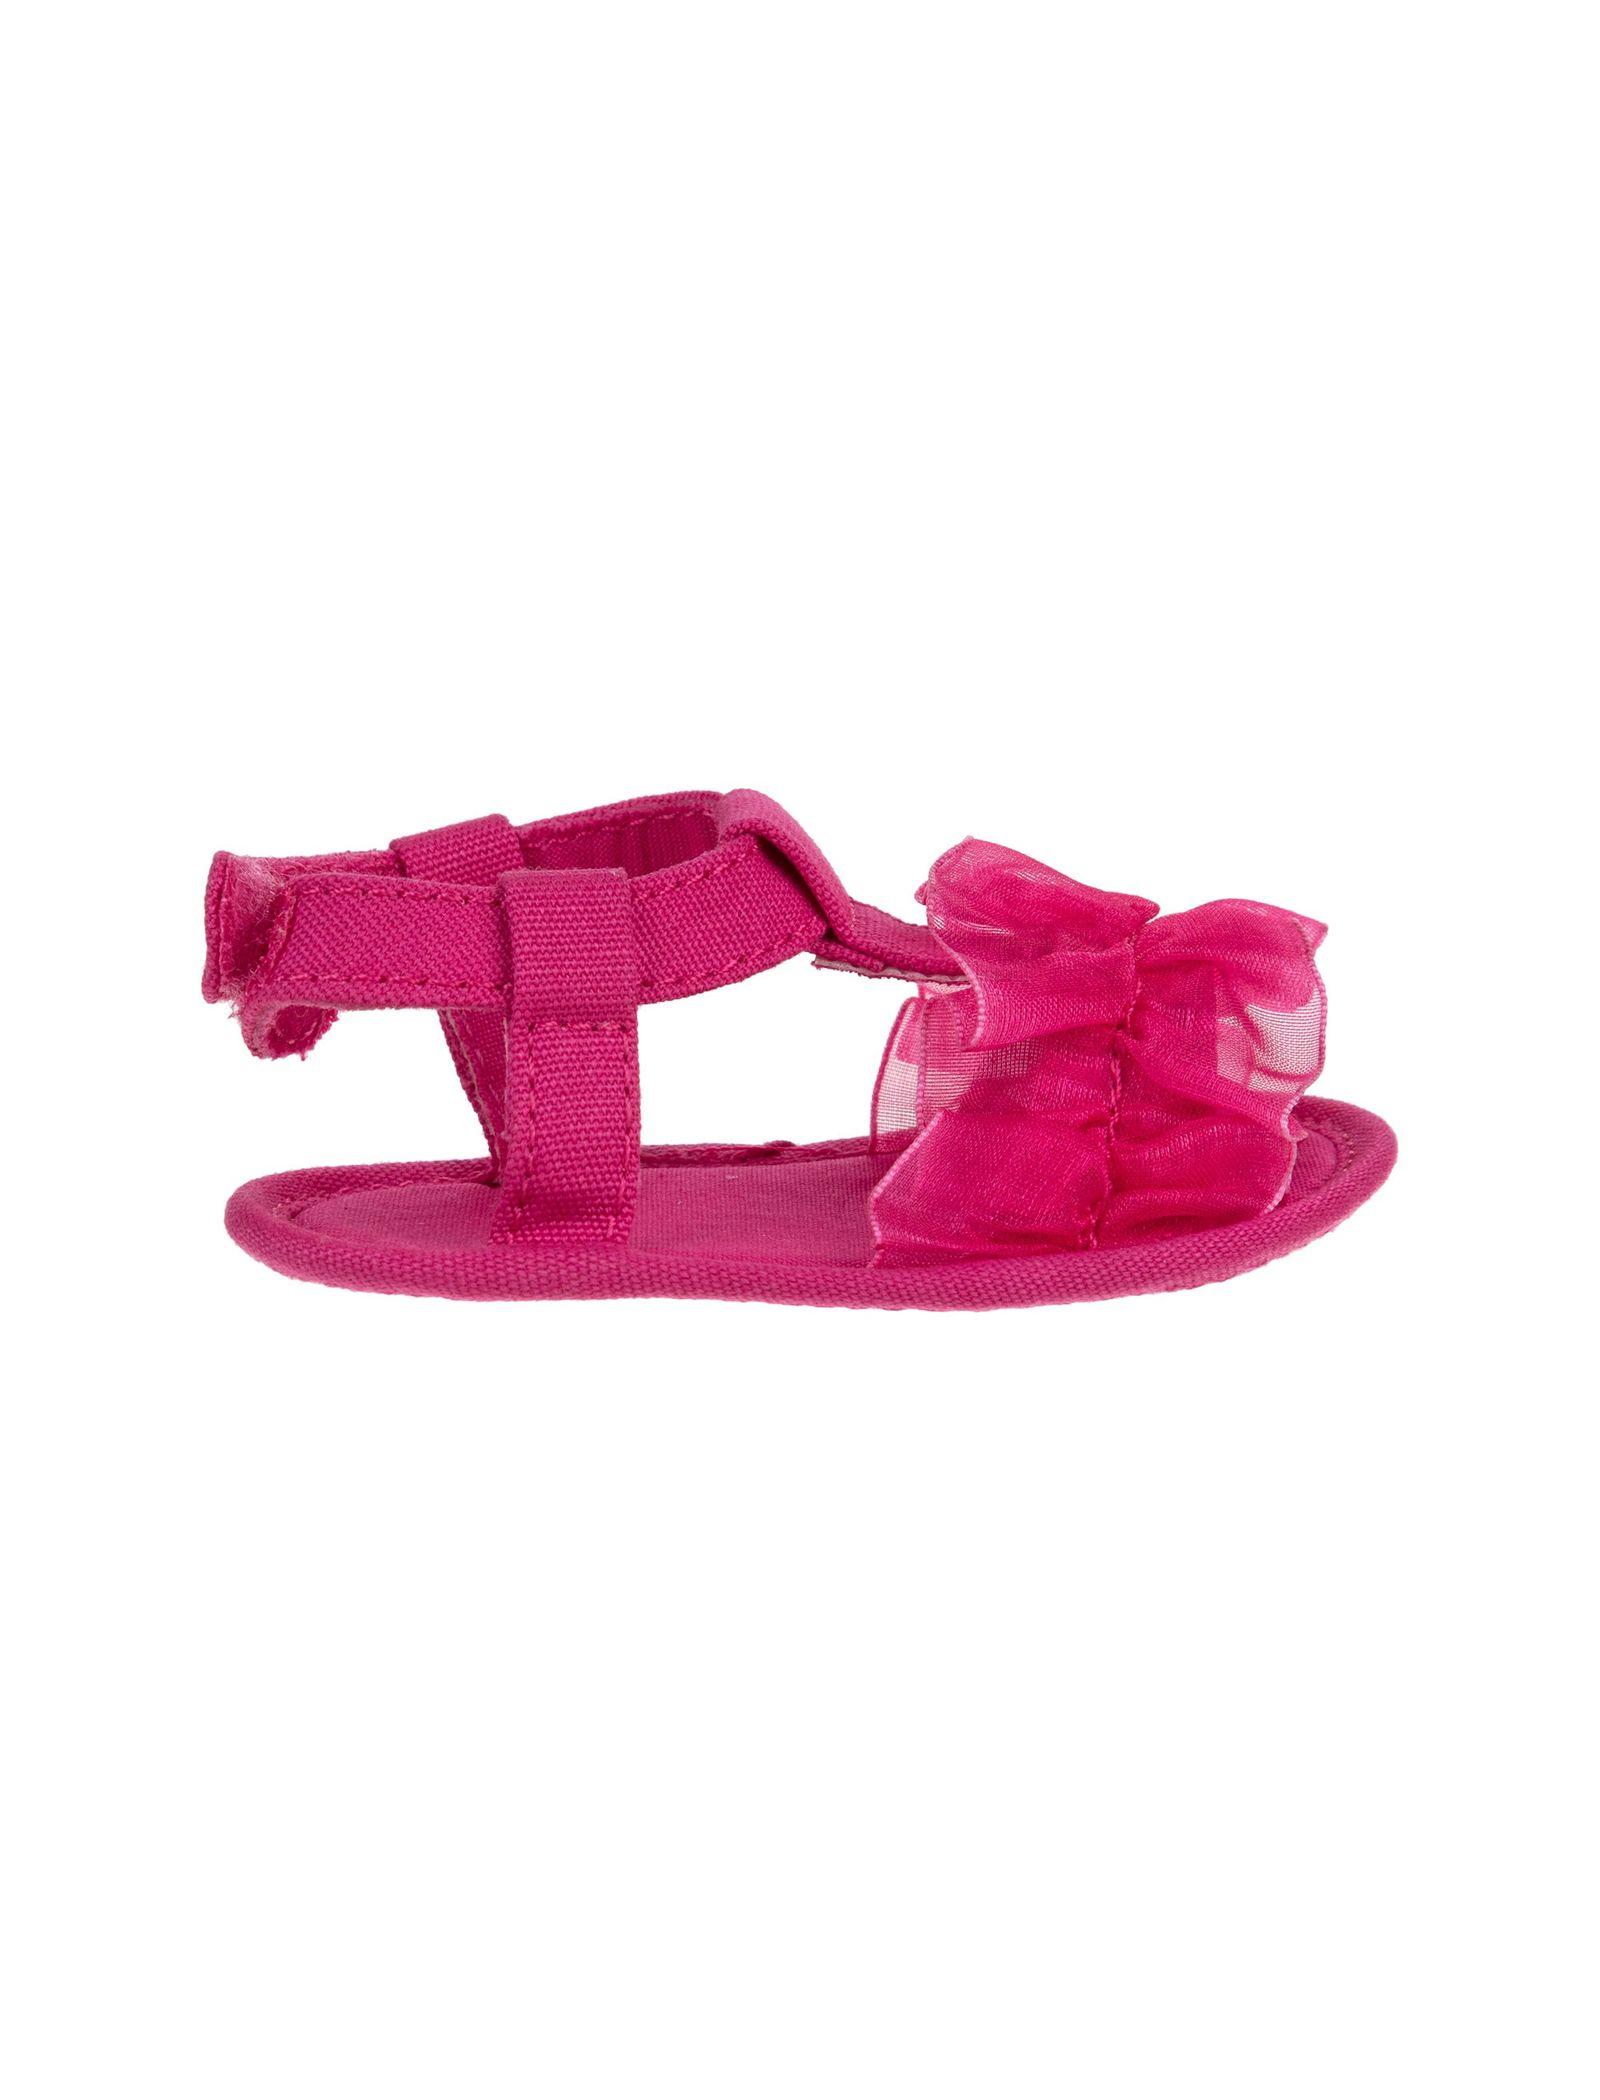 کفش چسبی نوزادی دخترانه - بلوکیدز - صورتي - 1